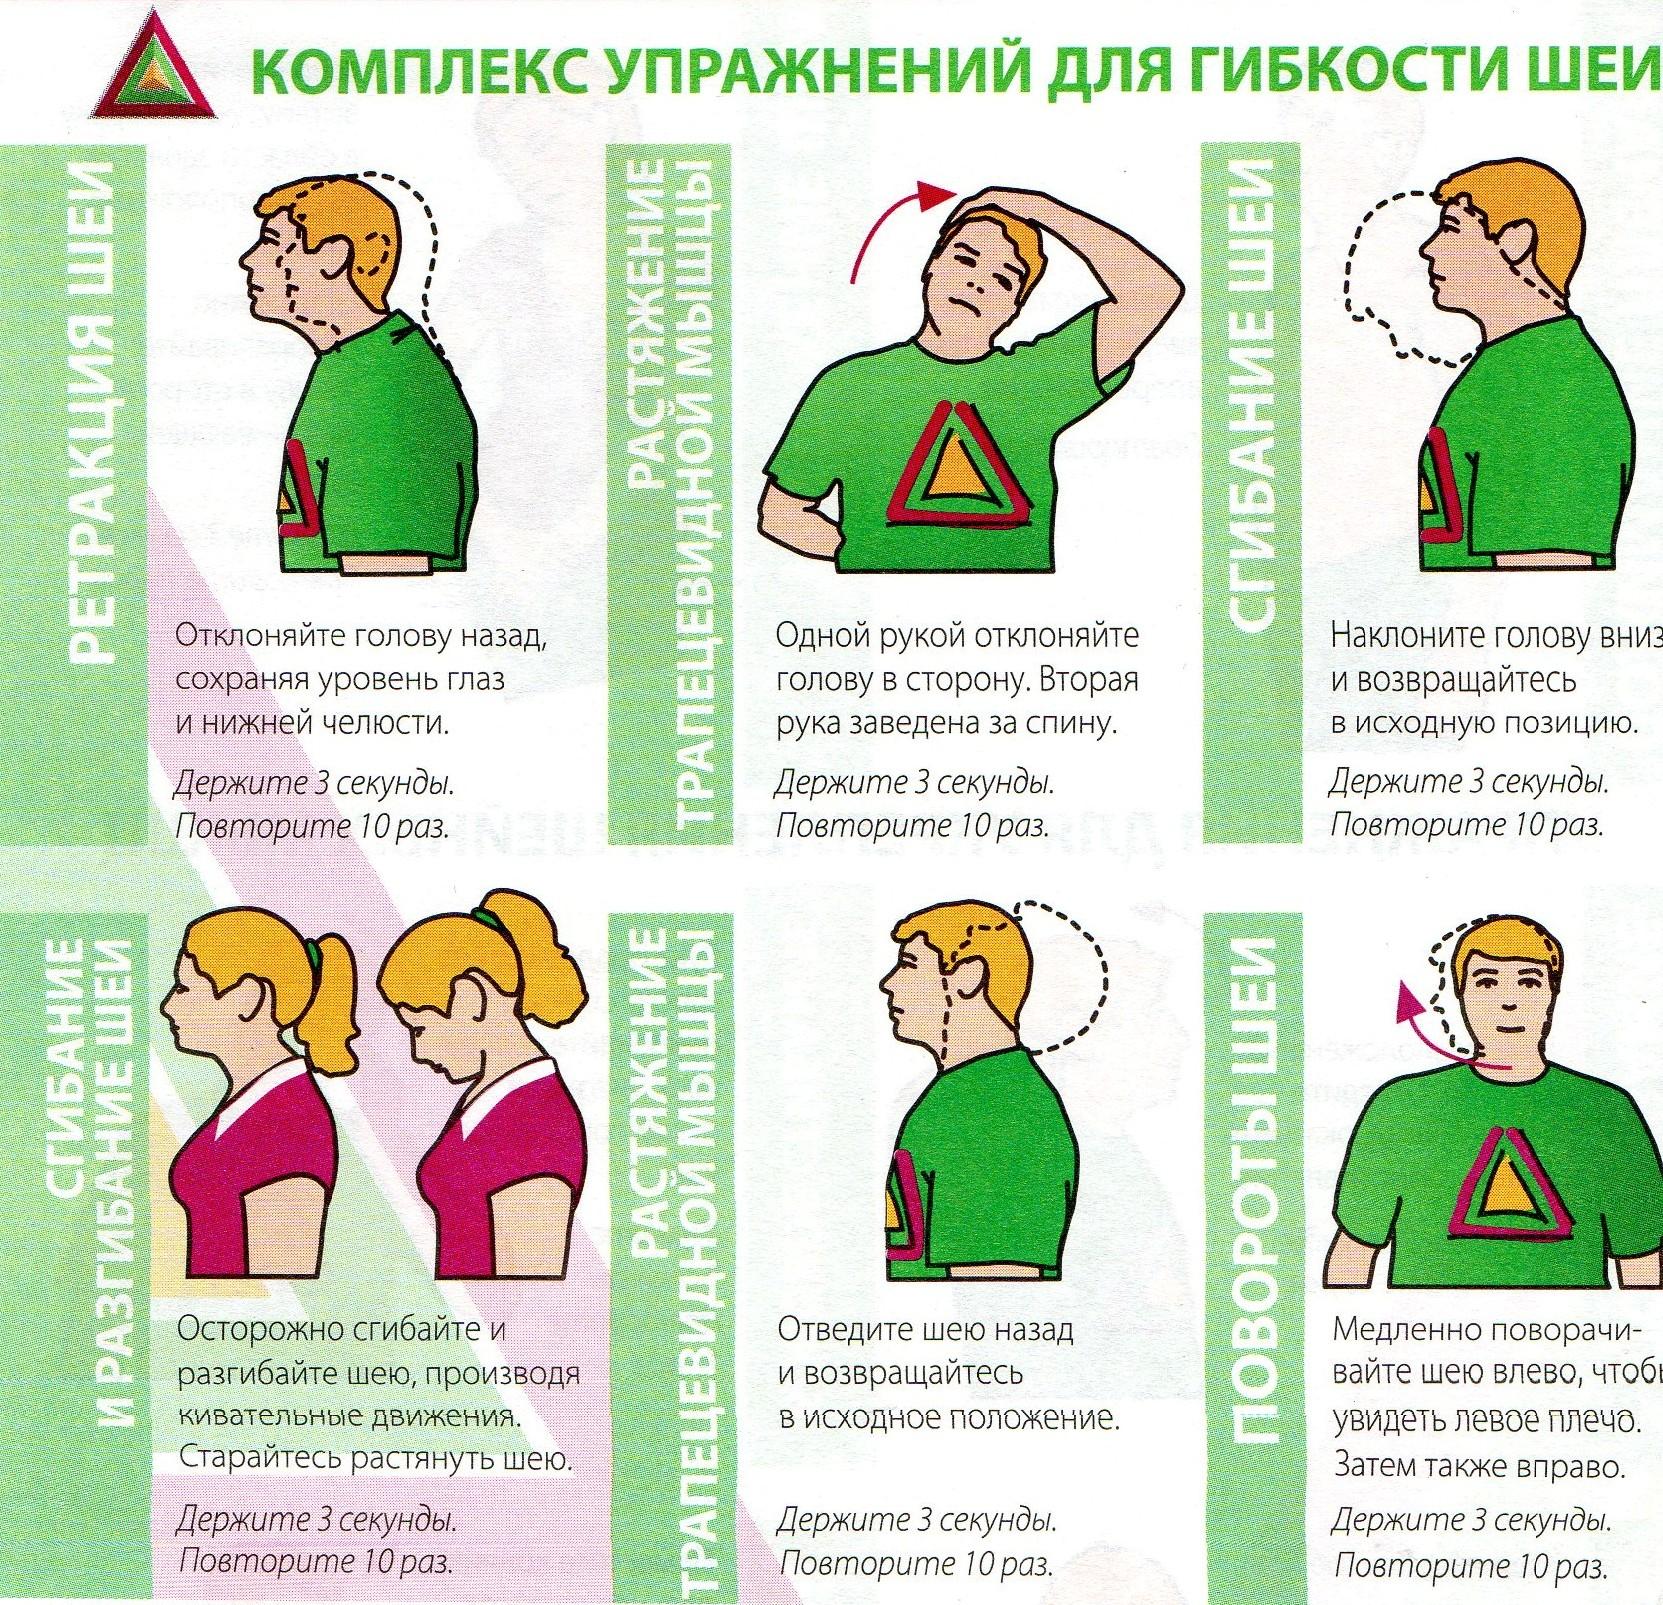 Гимнастика при шейном остеохондрозе картинка